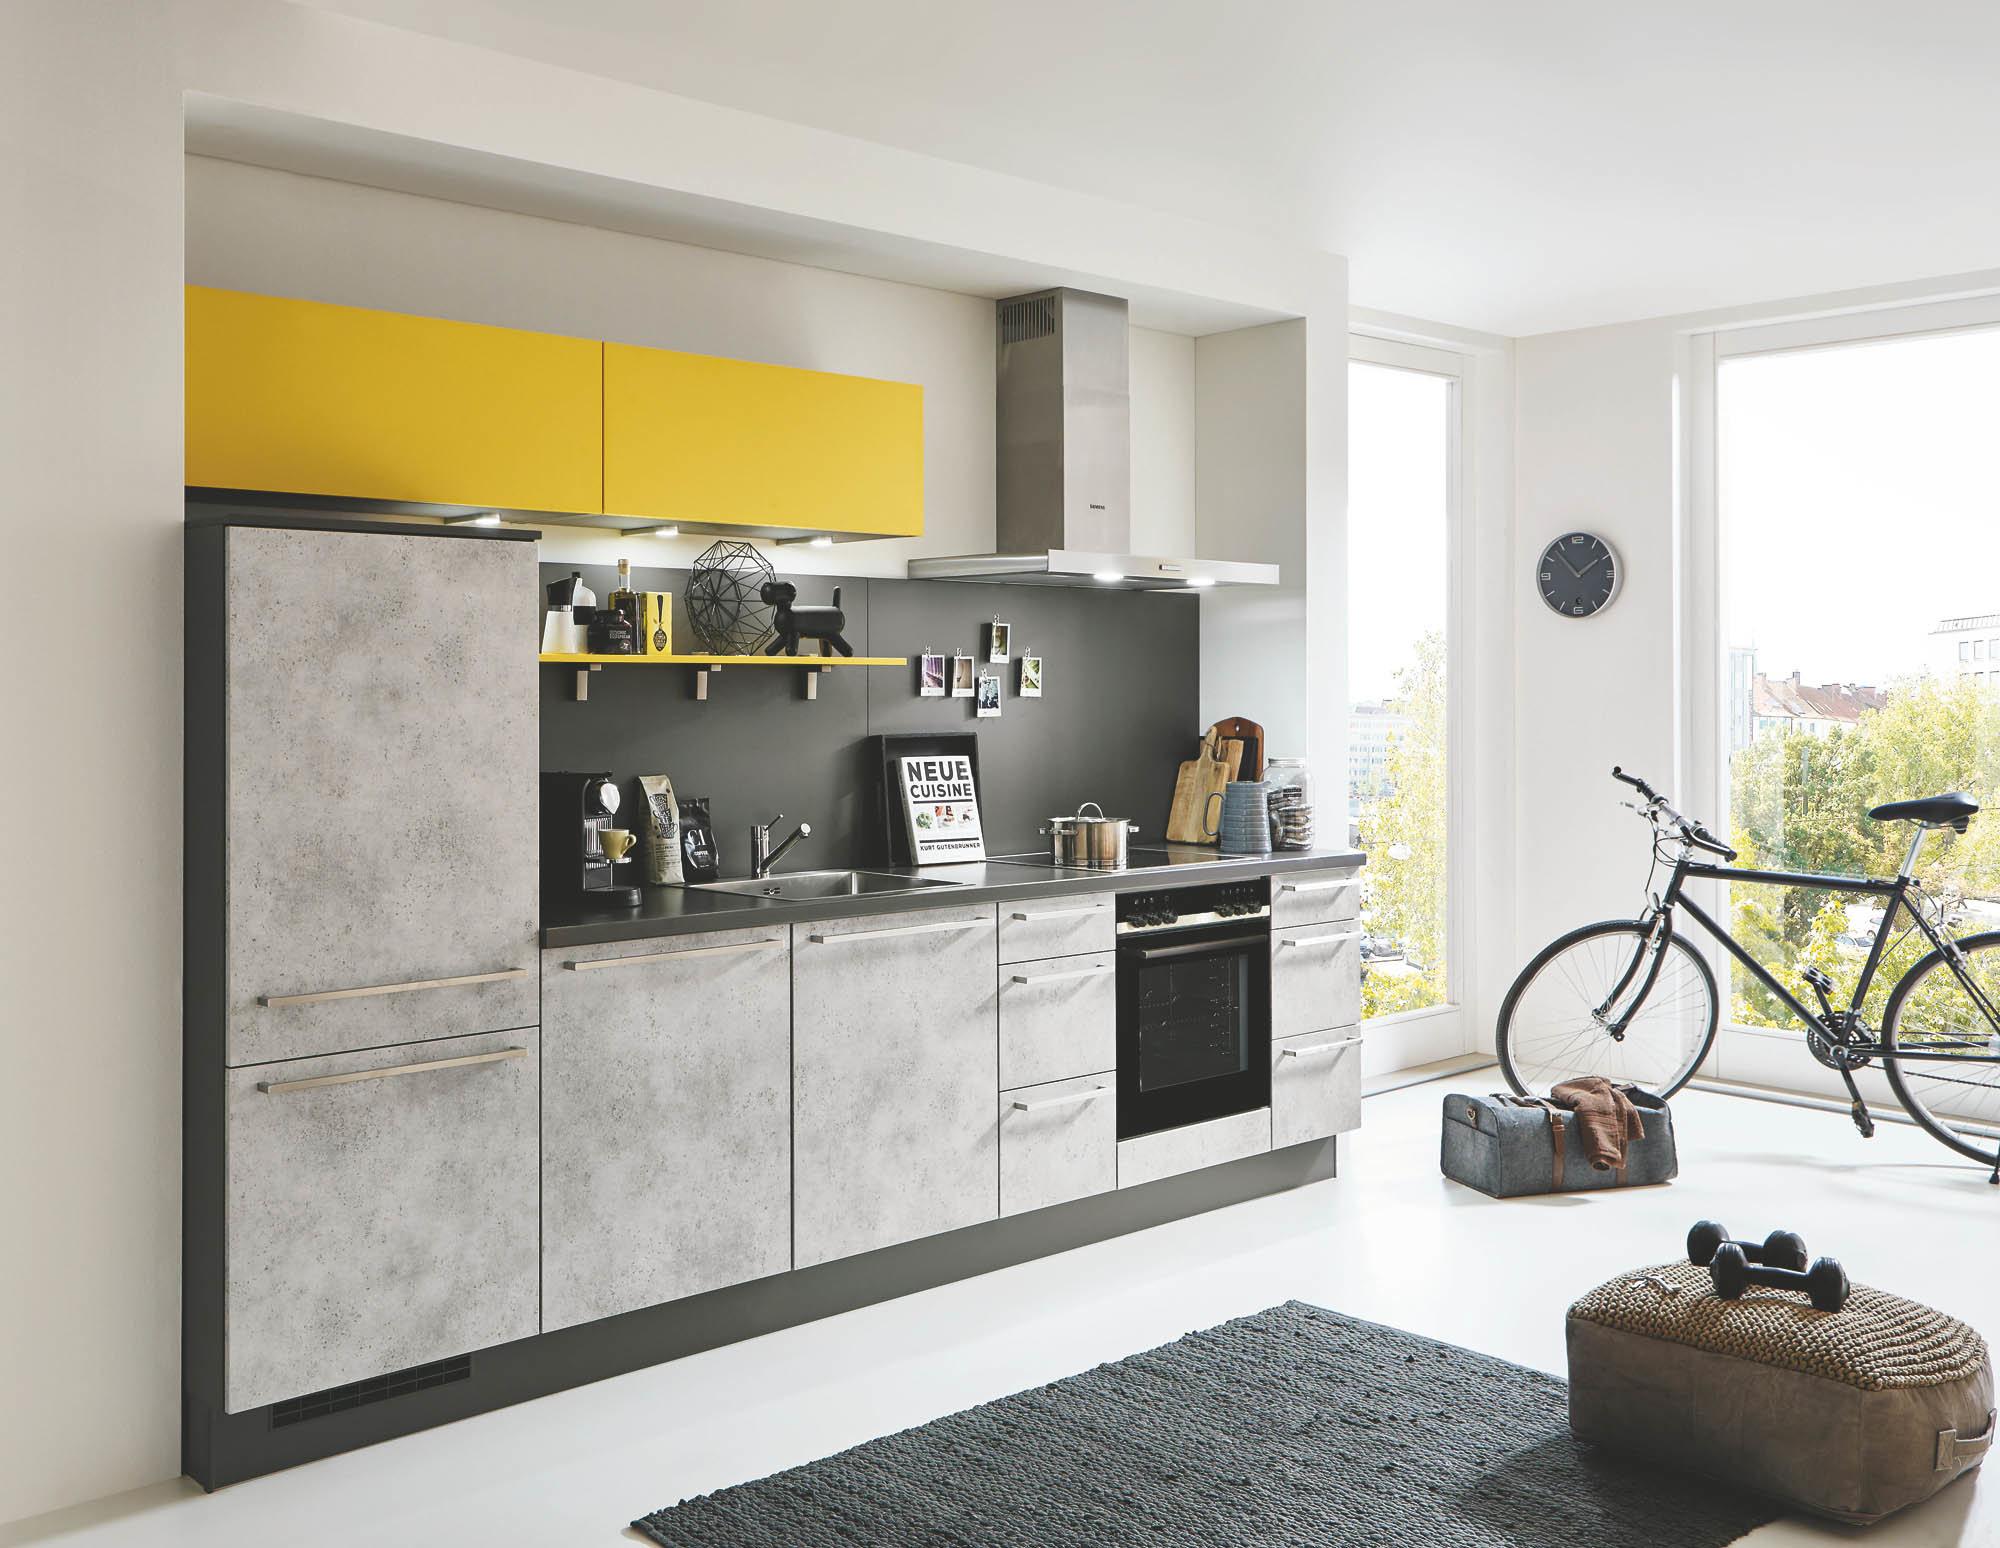 Full Size of Einbauküche Für Kleine Küche Kleine Einbauküchen Billig Kleine Einbauküche Ebay Kleinanzeigen Kleine Wohnung Mit Einbauküche Küche Kleine Einbauküche